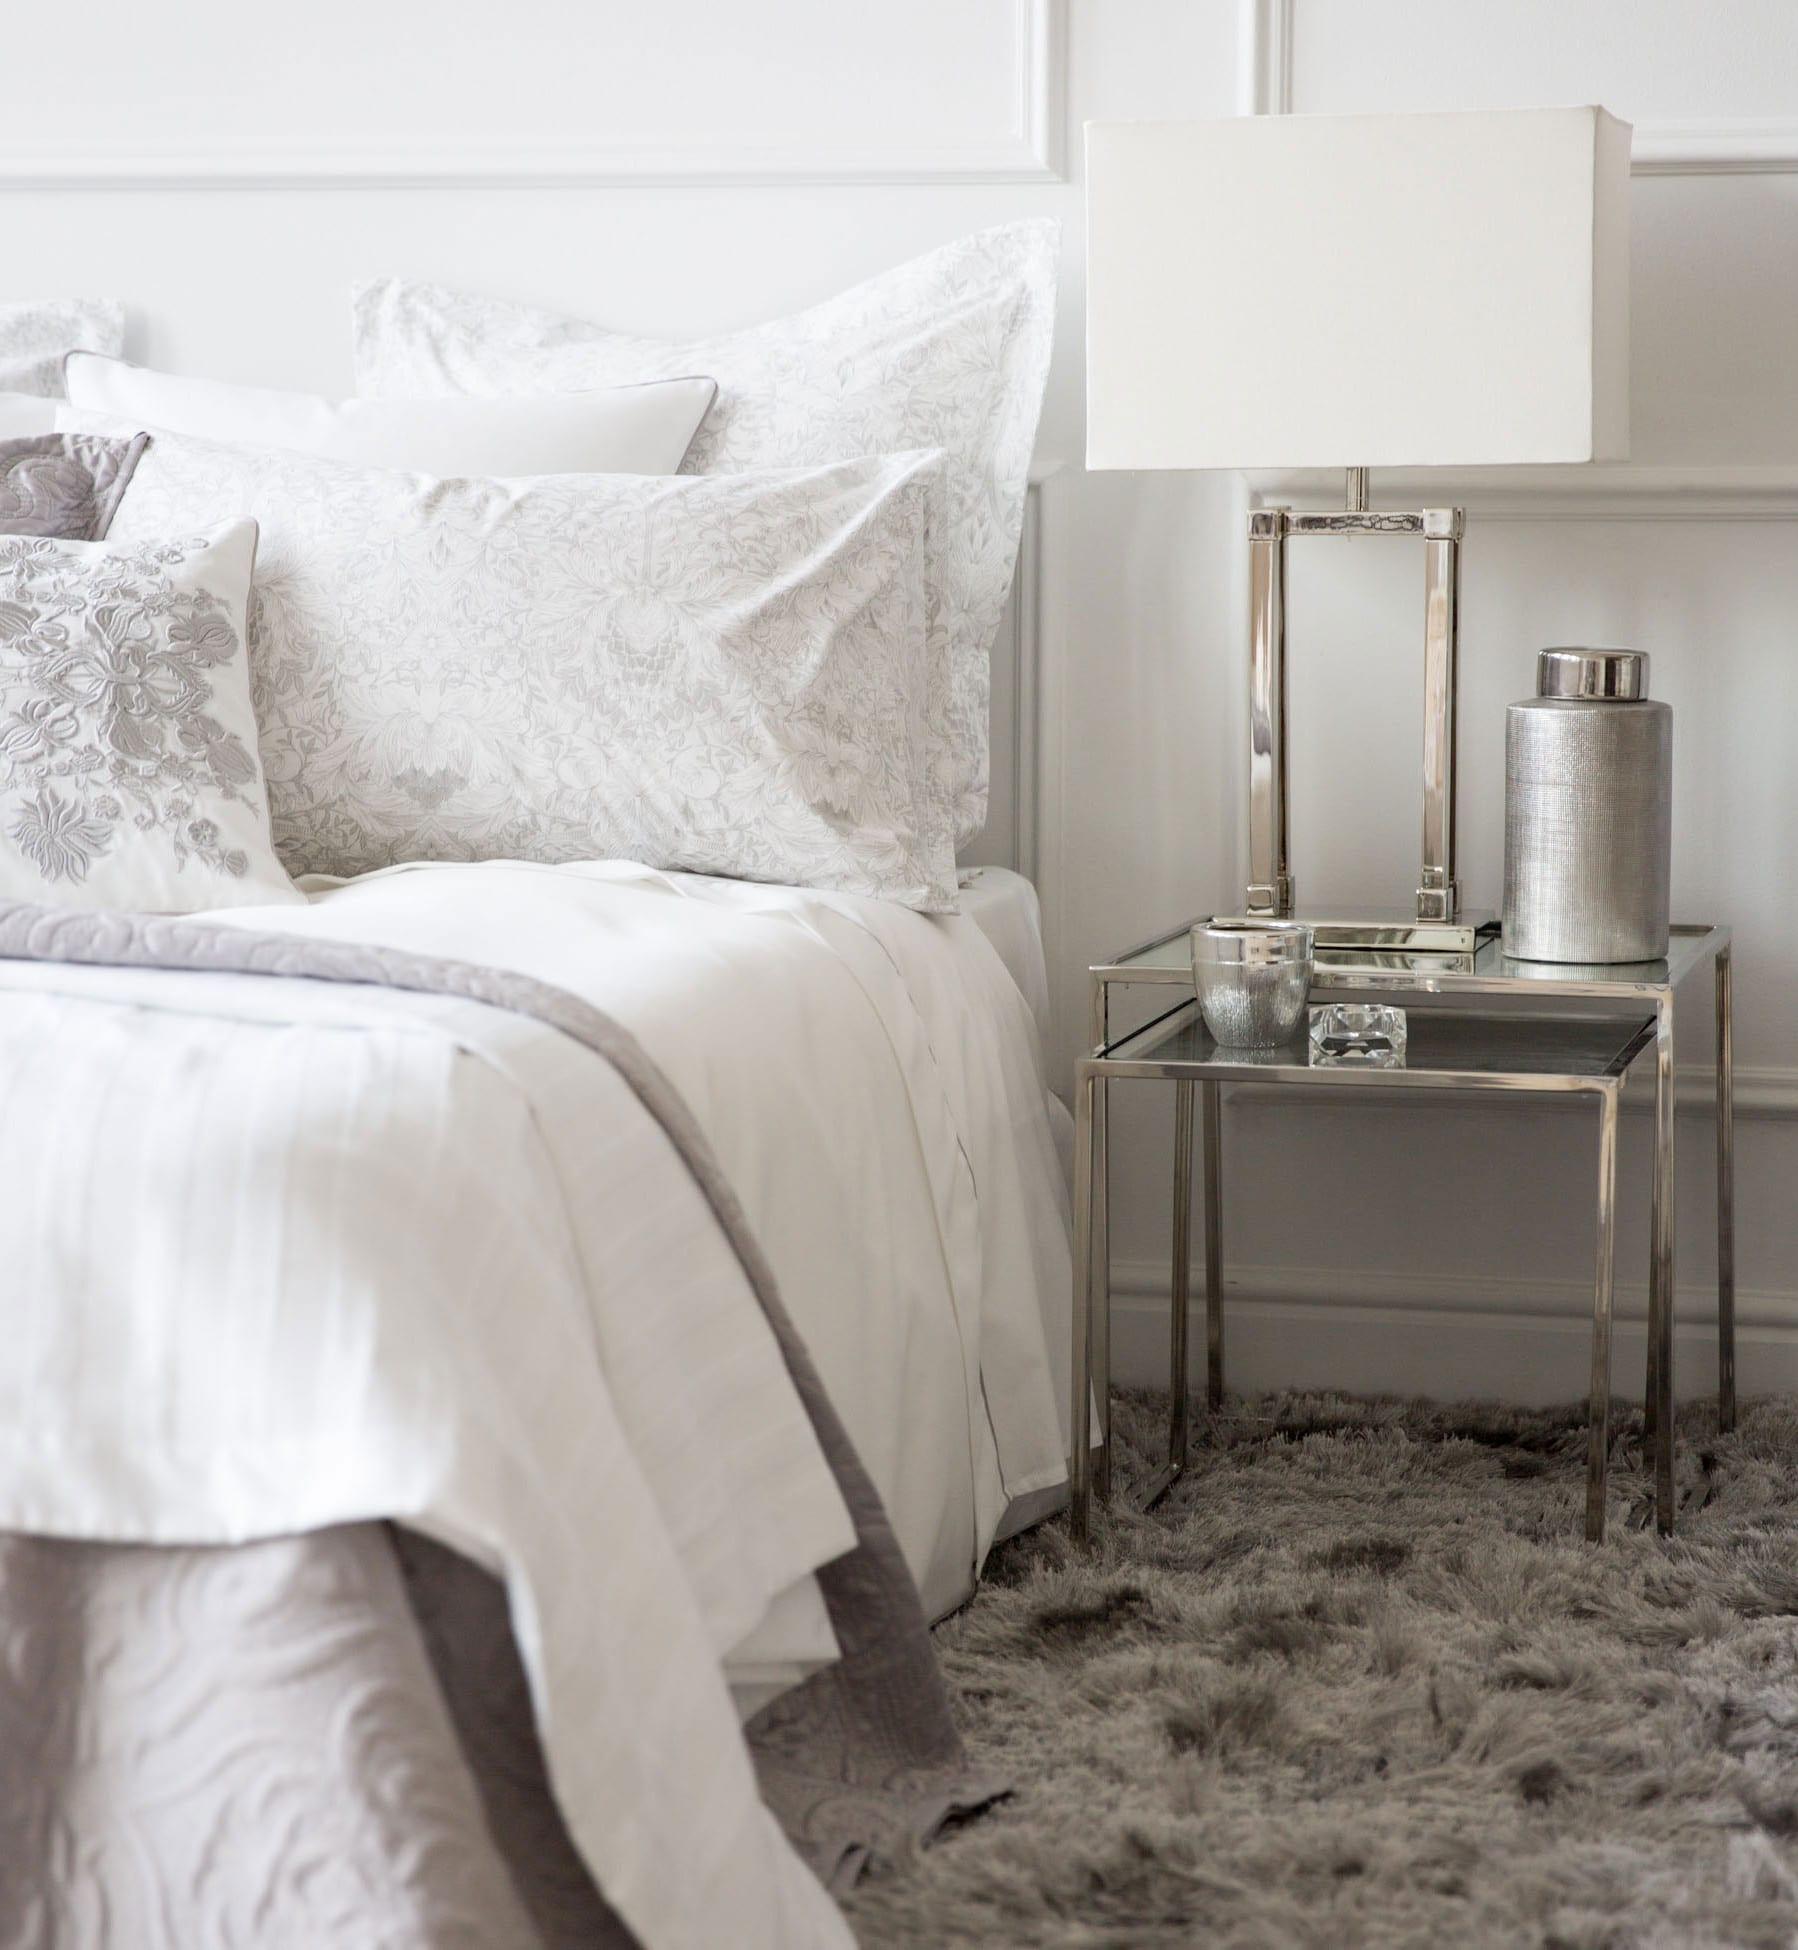 zara home zum schlafzimmer einrichten mit nachttischen und tischlampen aus metall  fresHouse